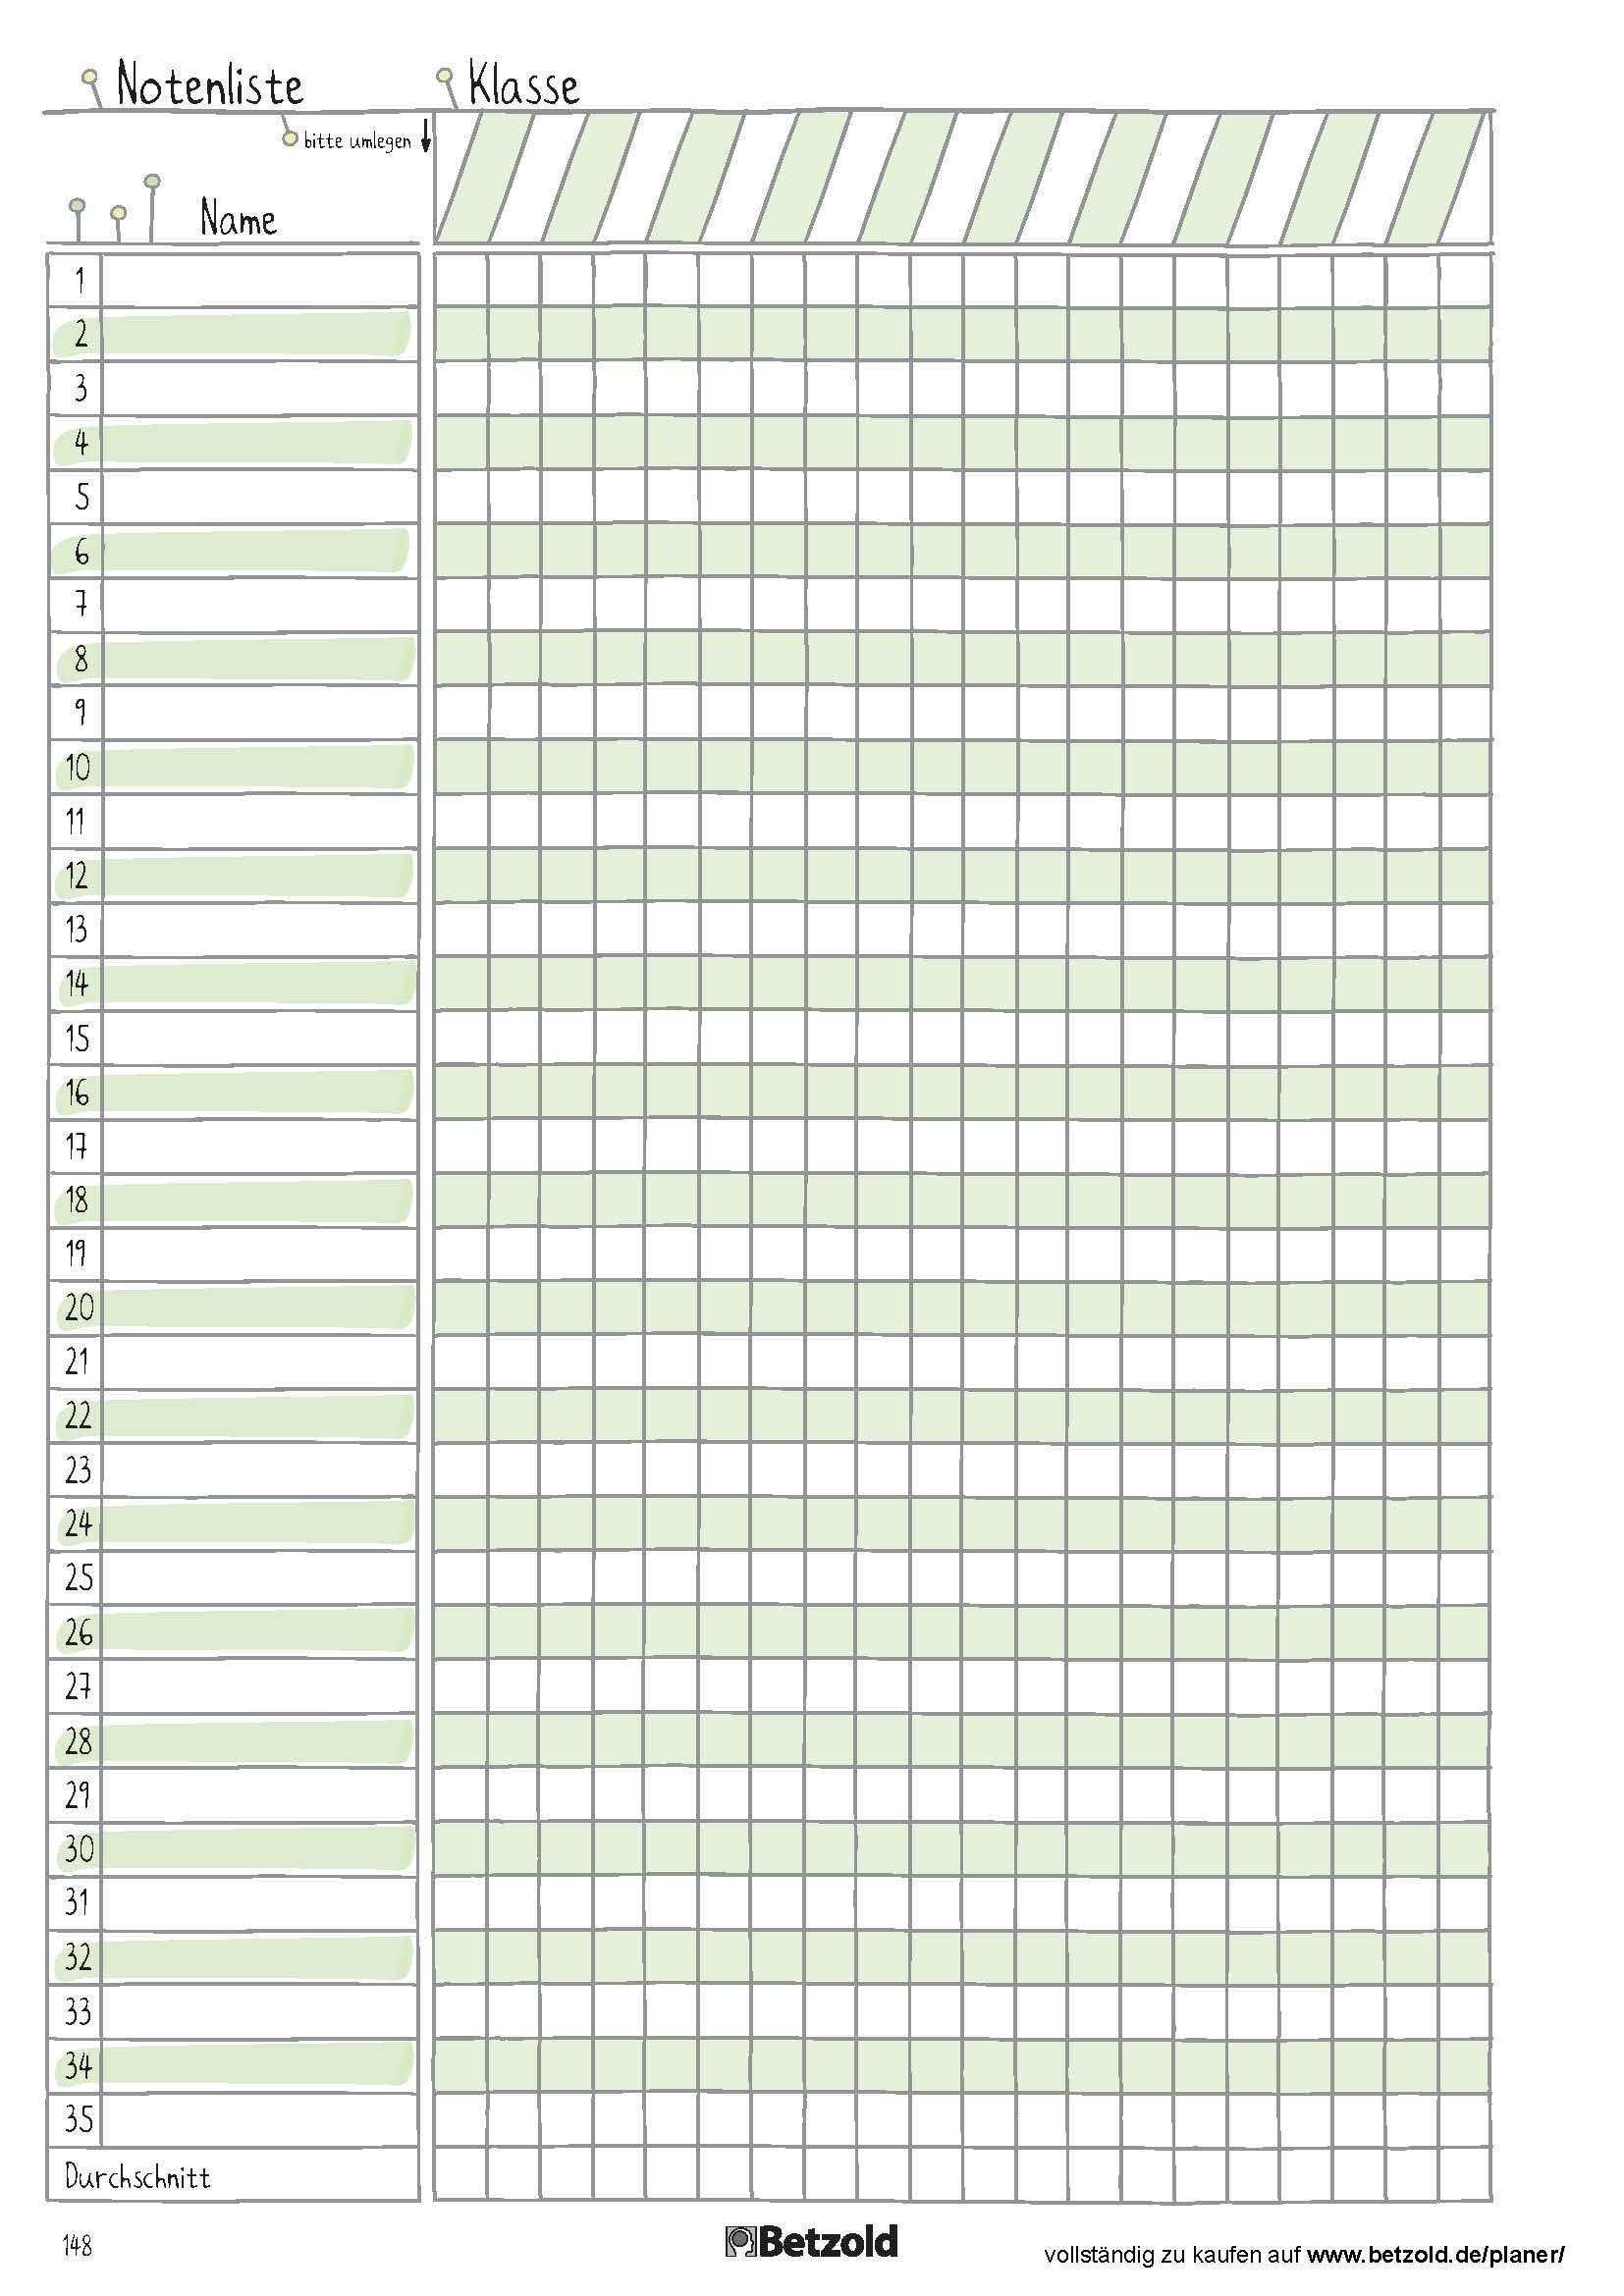 Notenliste Vorlage Zum Ausdrucken Aus Dem Betzold Design Schulplaner Schuljahr Schule Schule Stundenplan In 2020 Schulplaner Lehrer Planer Hausaufgaben Planer